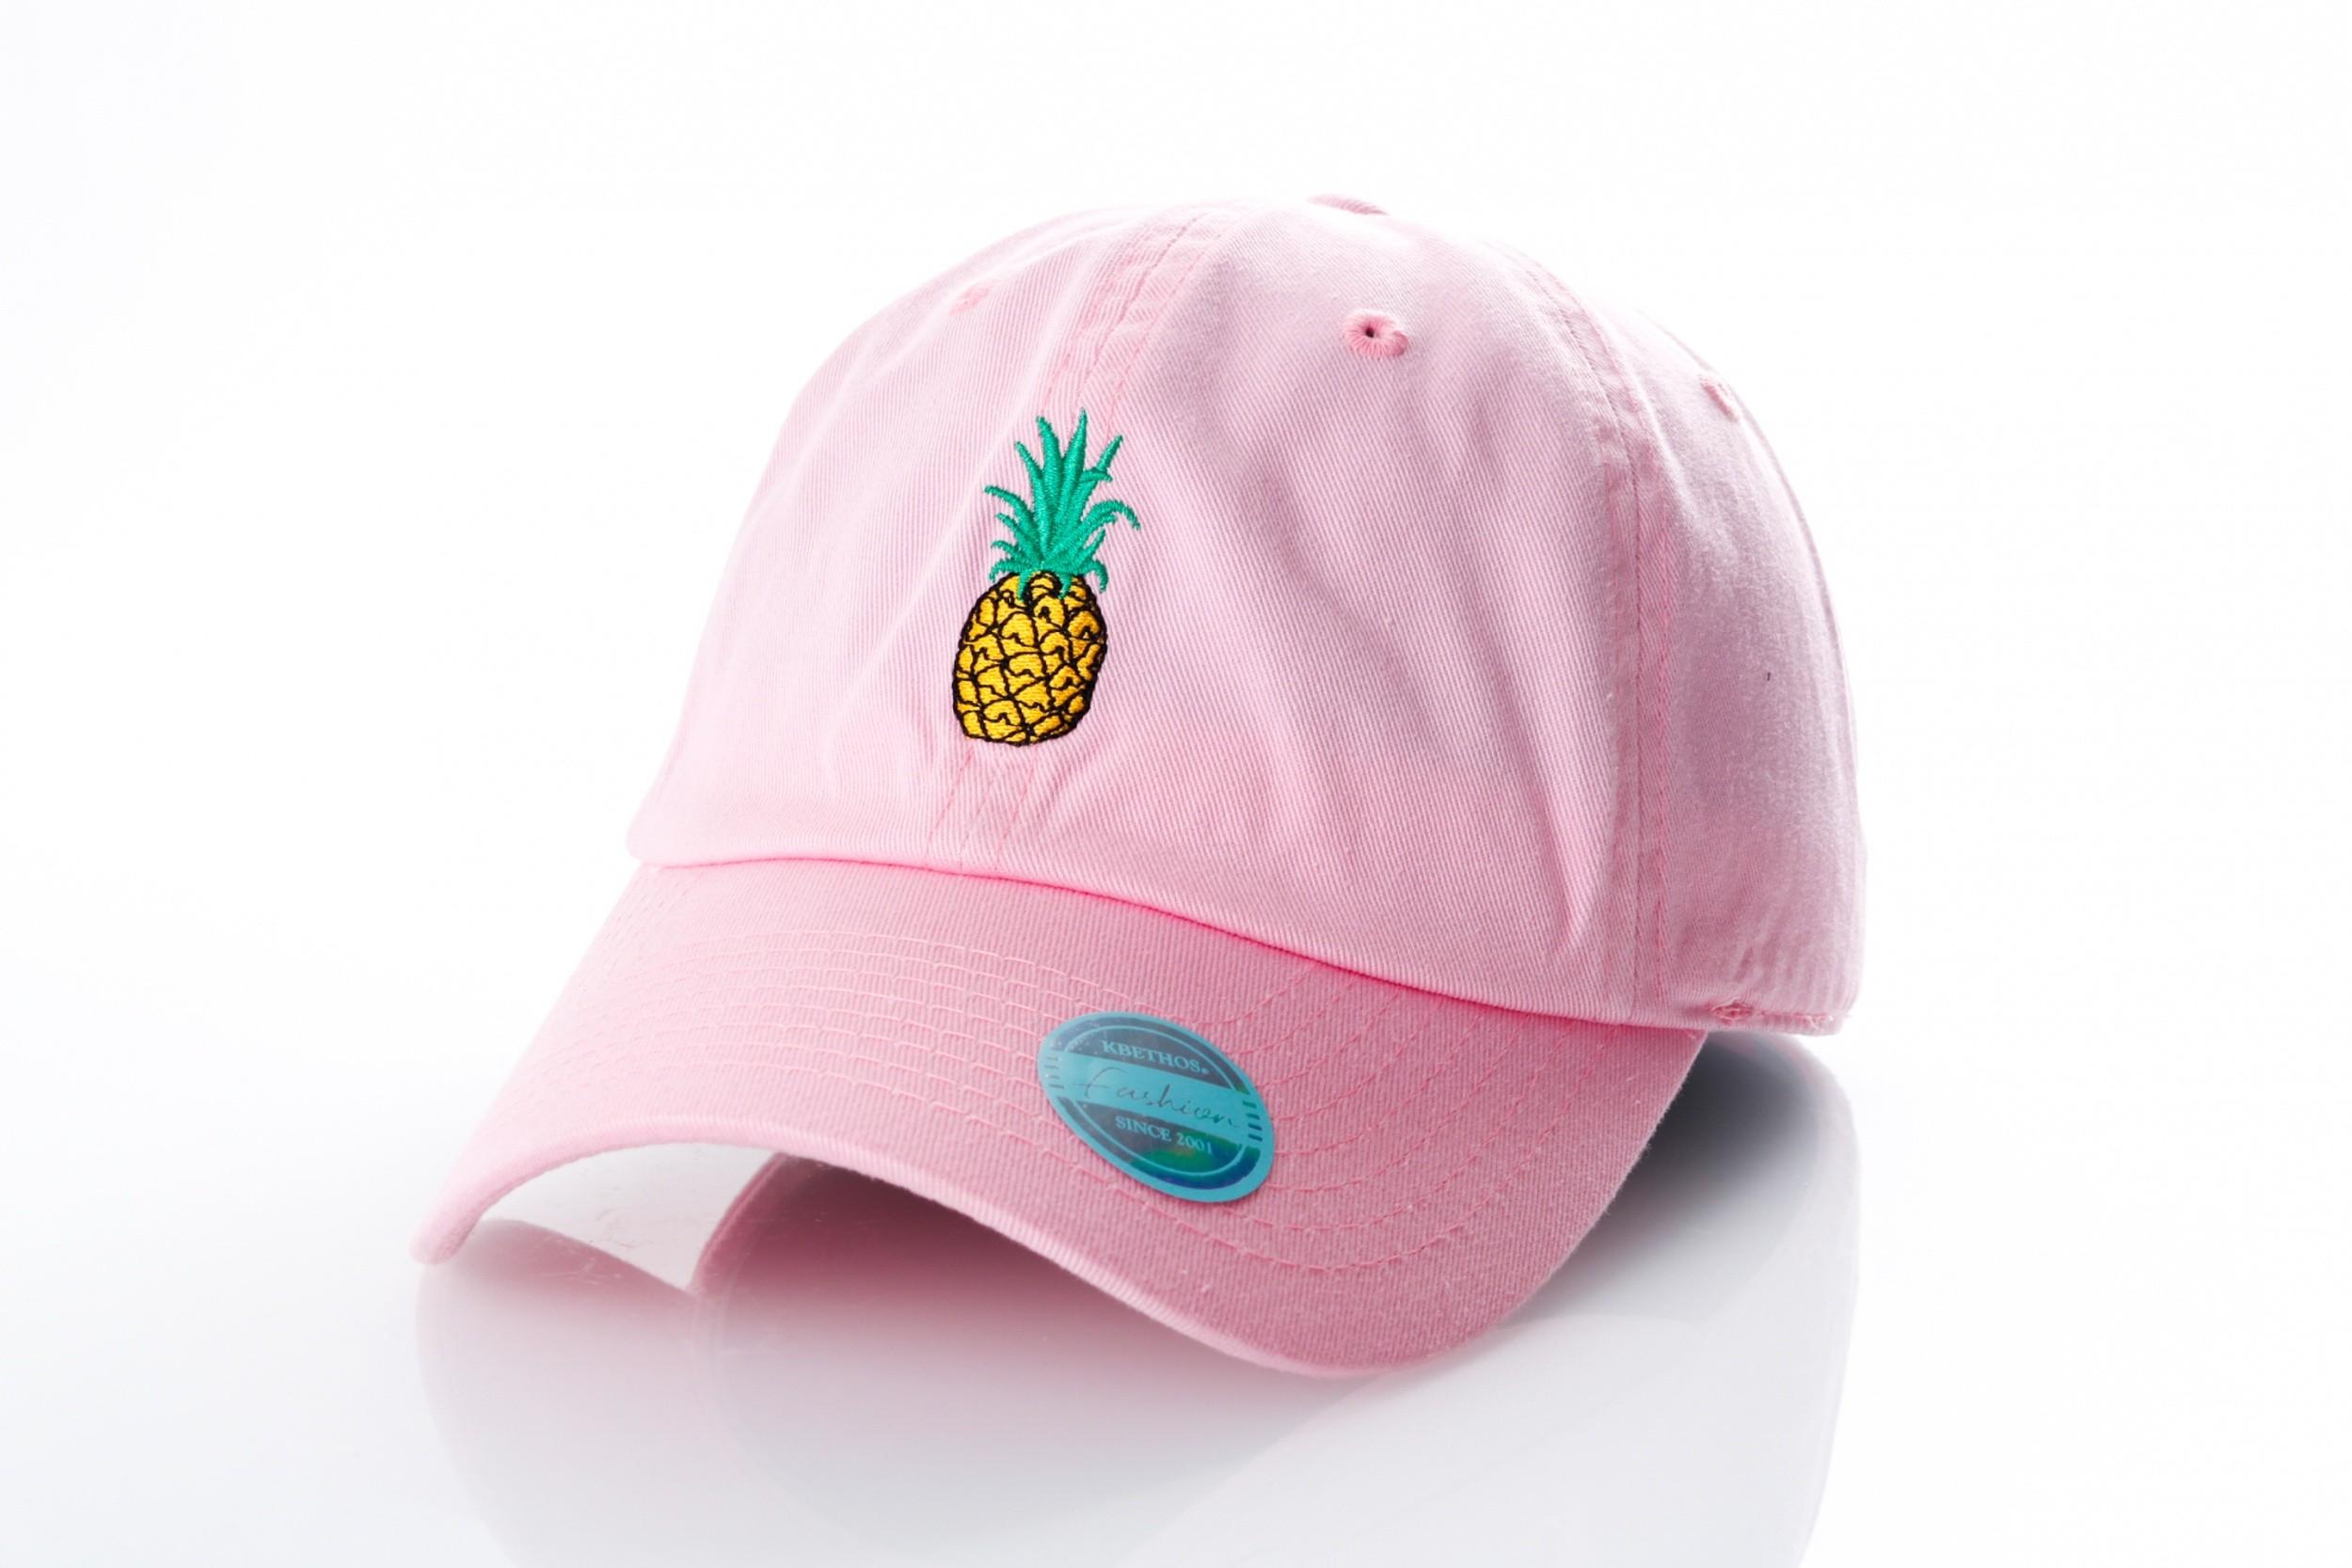 Foto van Ethos Pineapple KBSV-021 pink KBSV-021 dad cap pink